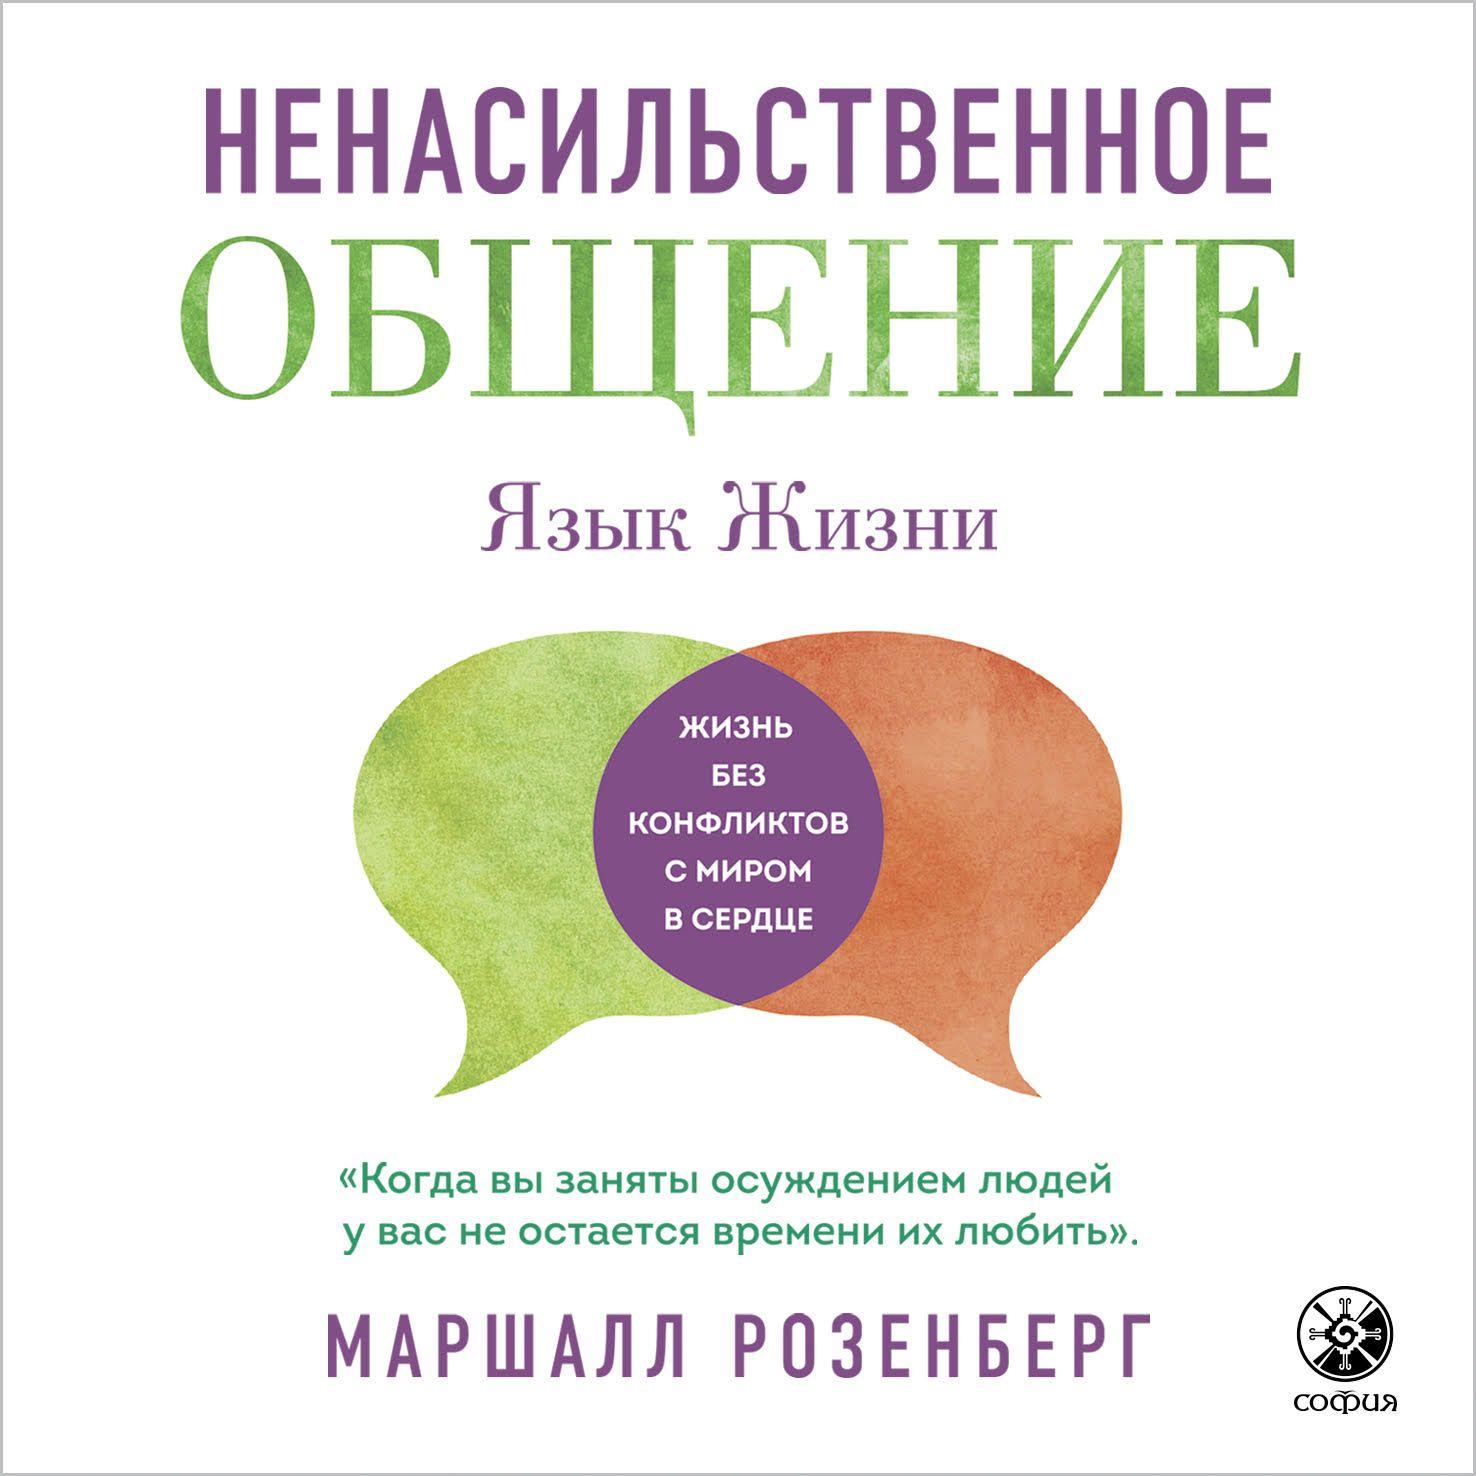 Купить книгу Язык жизни.Ненасильственное общение, автора Маршалла Розенберг